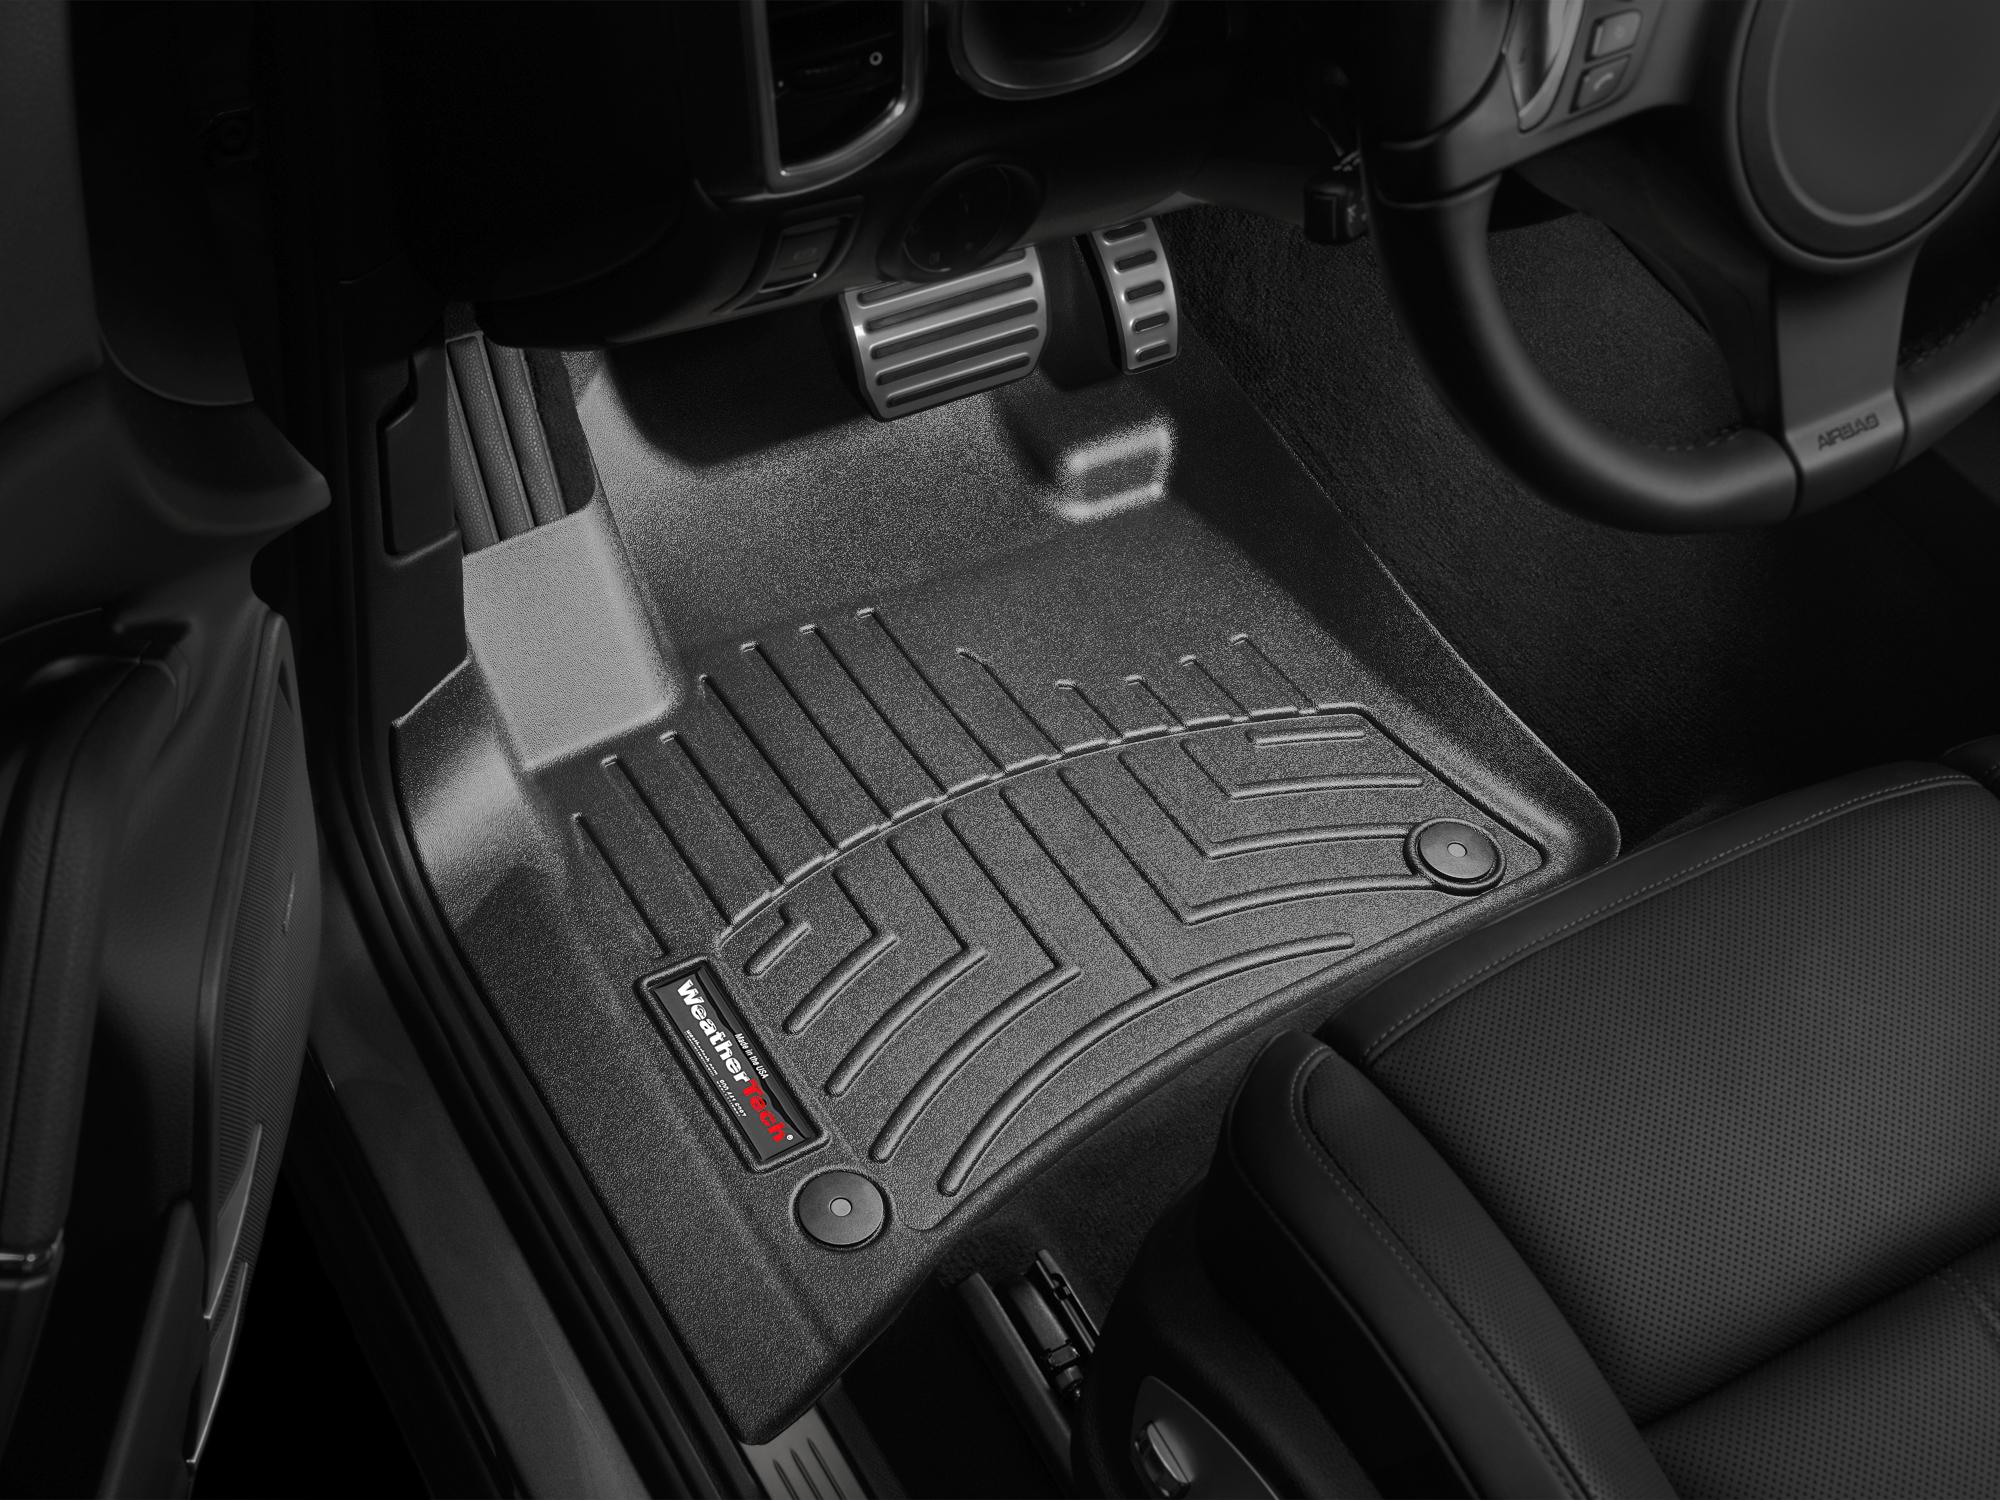 Tappeti gomma su misura bordo alto Volkswagen Touareg 11>17 Nero A4334*